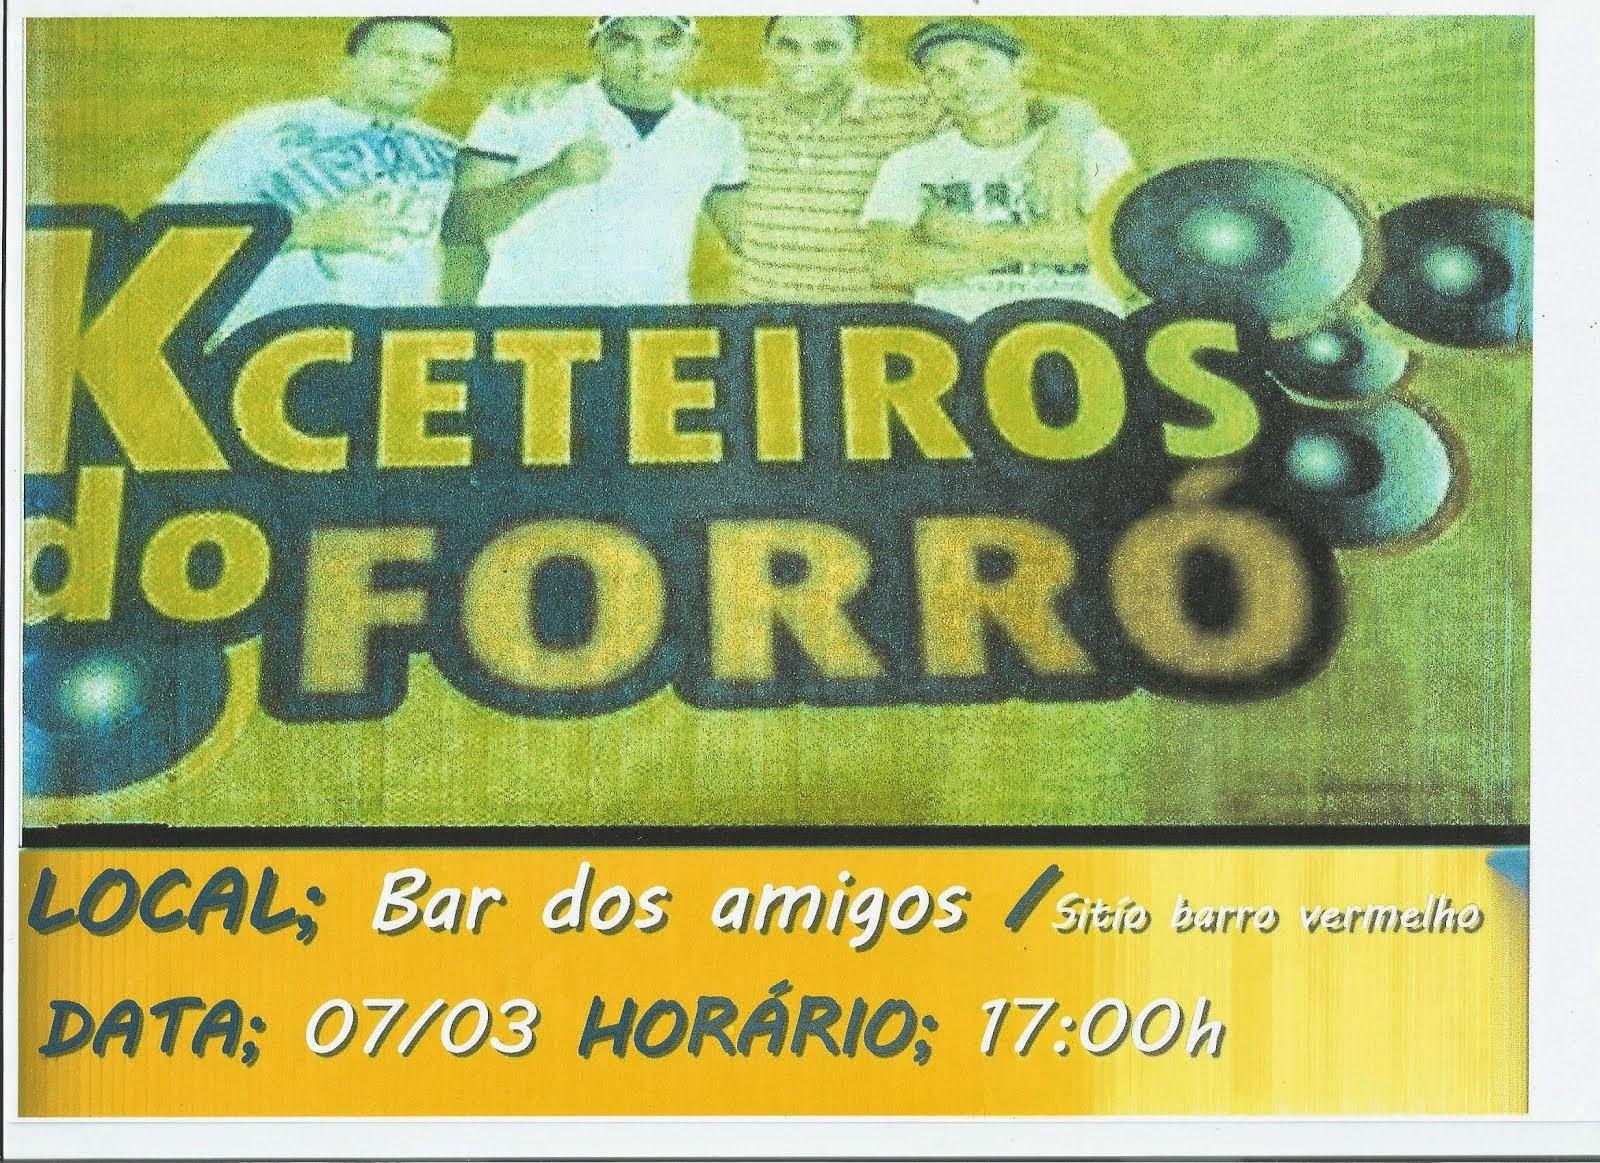 FESTA NO SÍTIO BARRO VERMELHO EM MULUNGU/PB. DIA, 07/03/15. A PARTIR DAS 17:00H